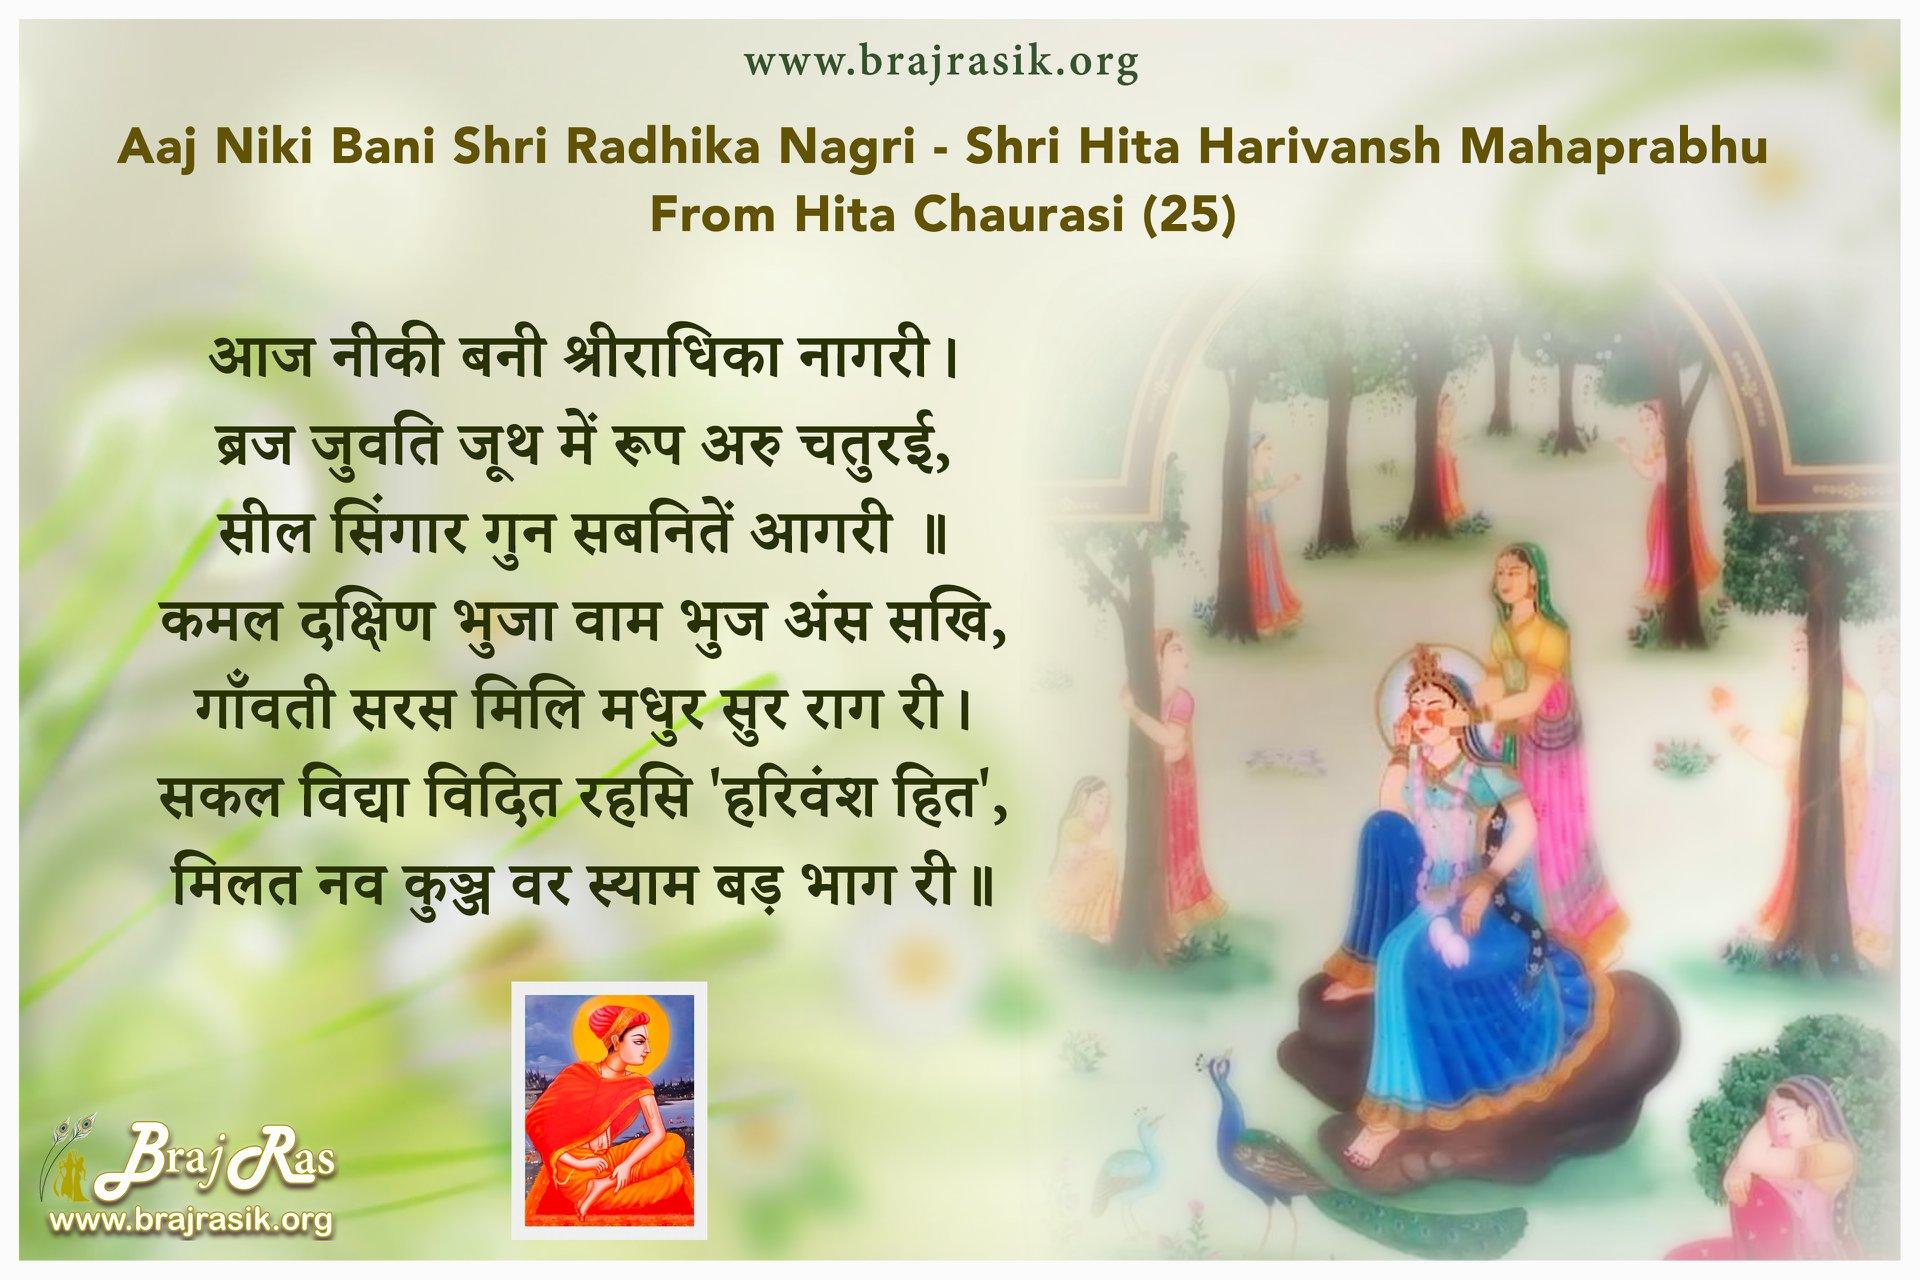 Aaj Niki Bani Shri Radhika Nagri - Shri Hita Harivansh Mahaprabhu From Hita Chaurasi (25)